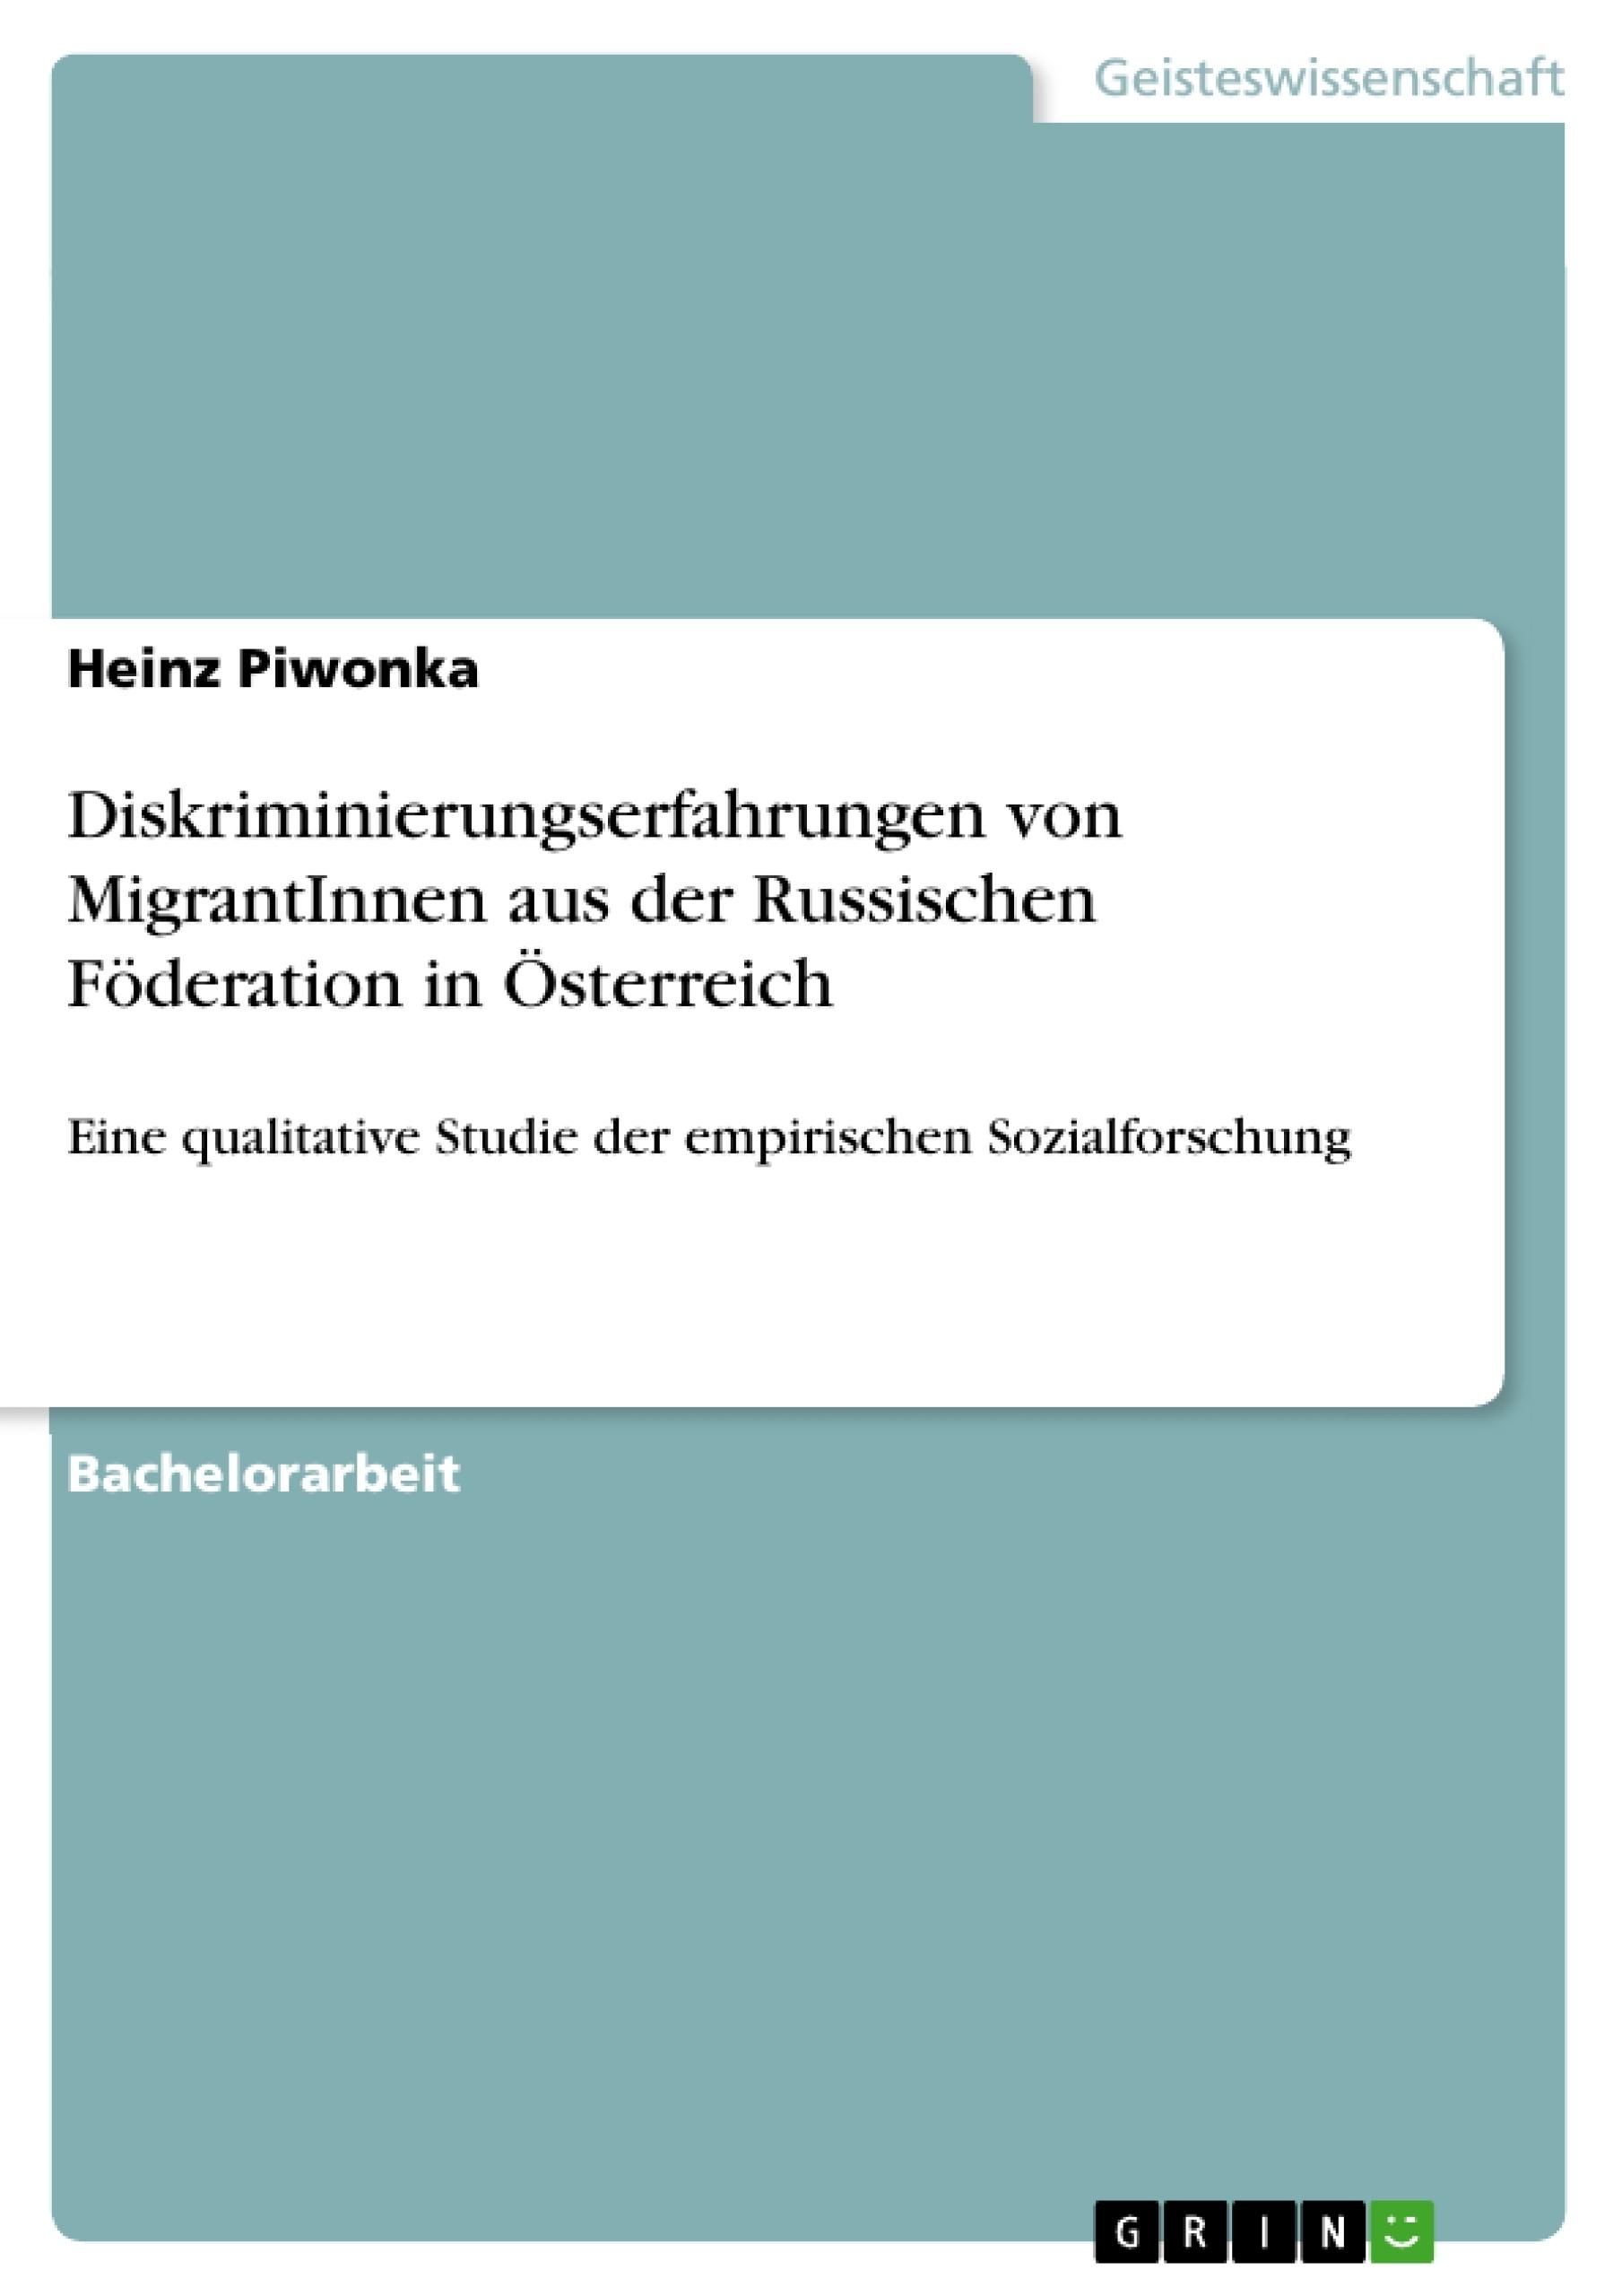 Titel: Diskriminierungserfahrungen von MigrantInnen aus der Russischen Föderation in Österreich